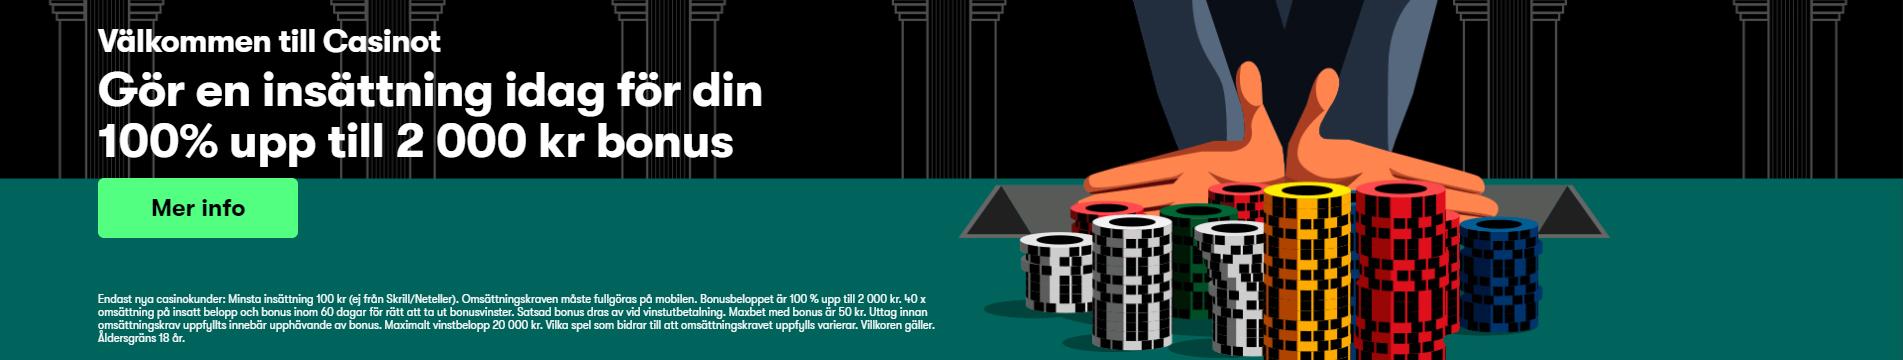 10Bet Casino Content Images - Sweden CasinoTop 01